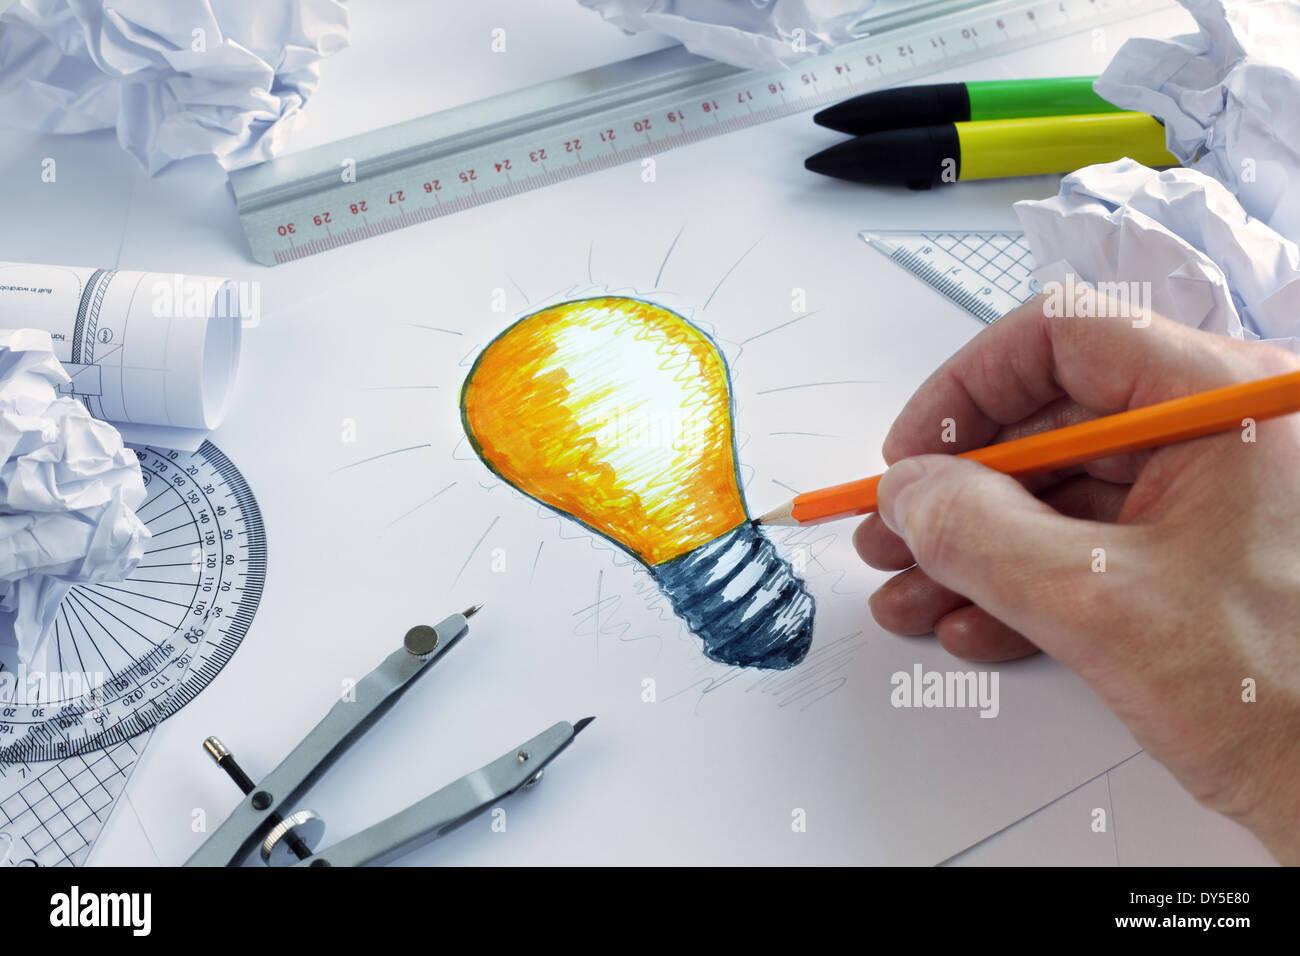 Tener una idea brillante Imagen De Stock